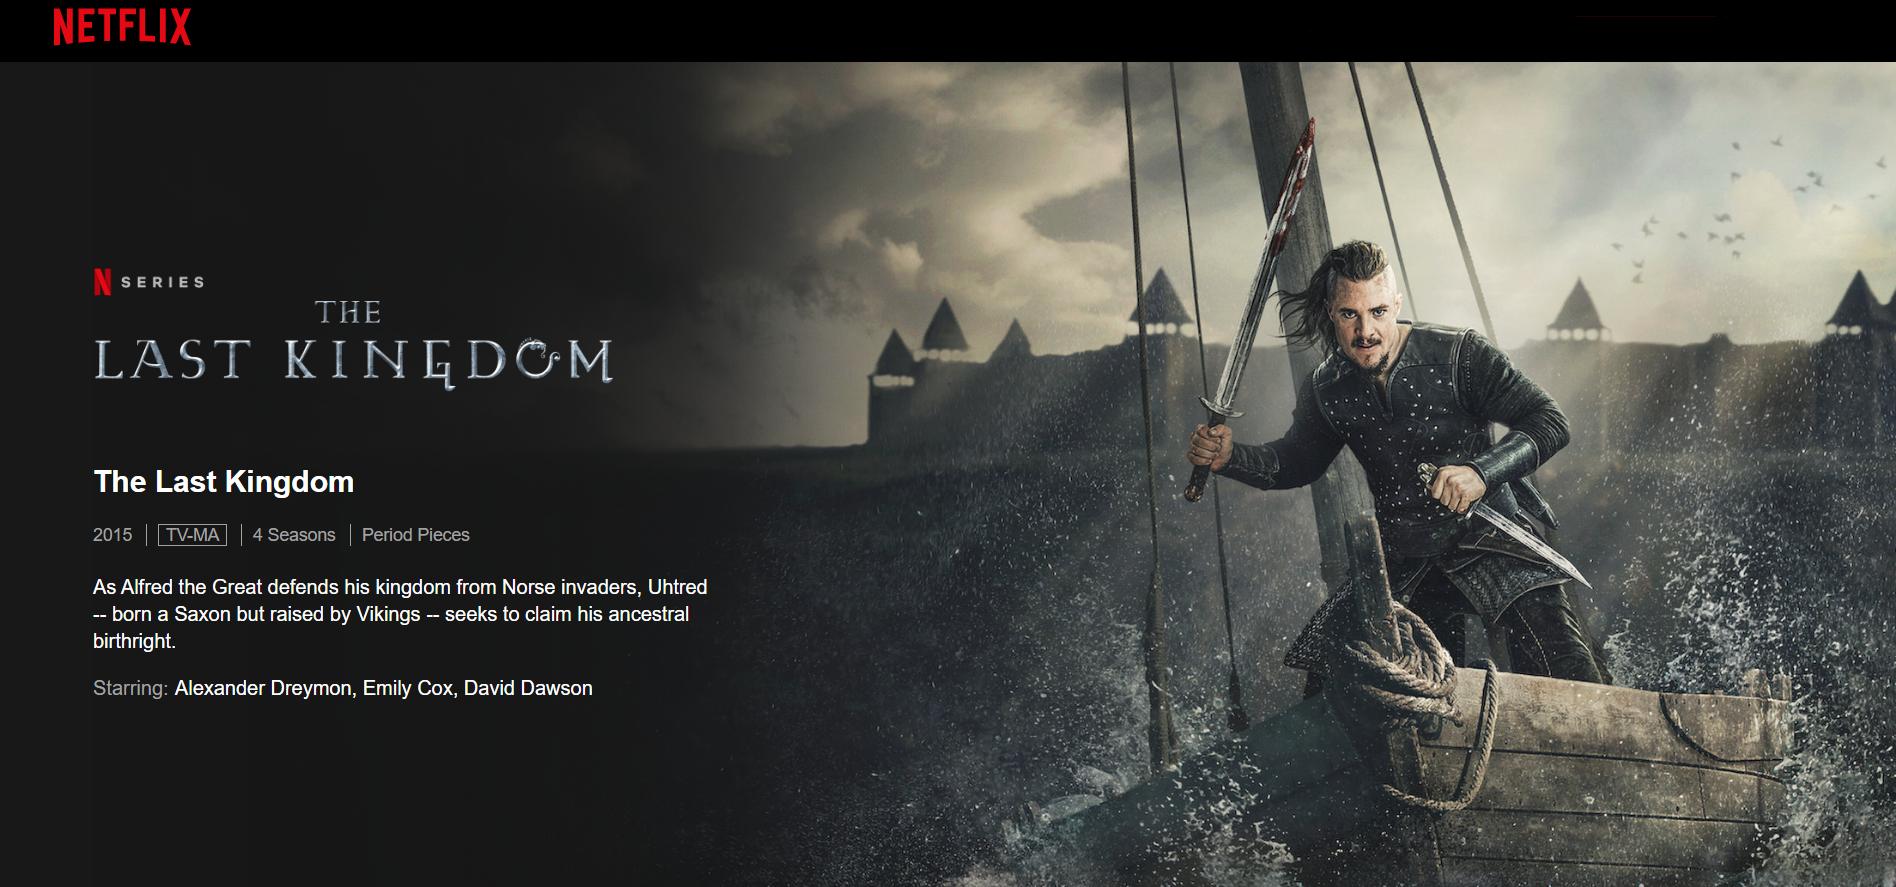 Netflix The Last Kingdom